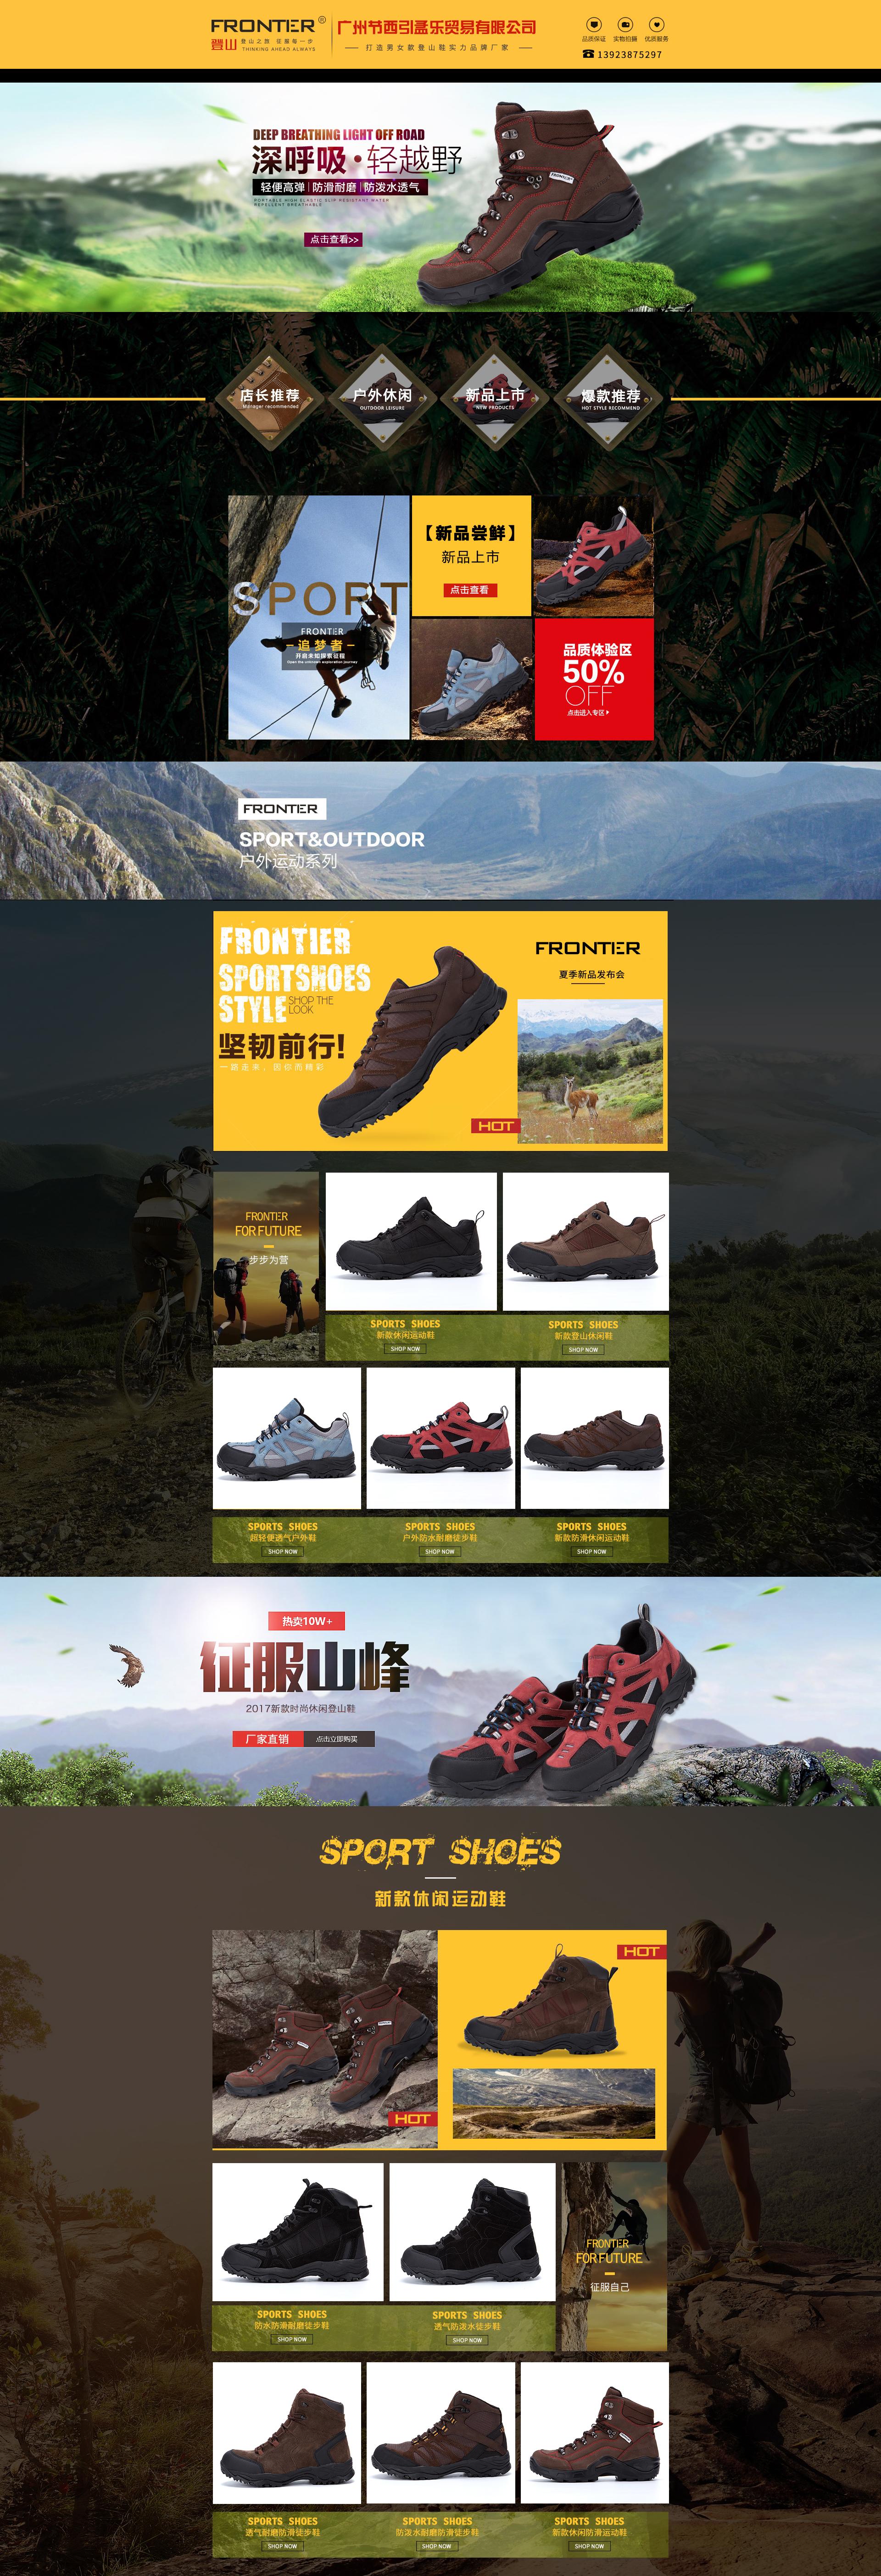 运动鞋首页.jpg